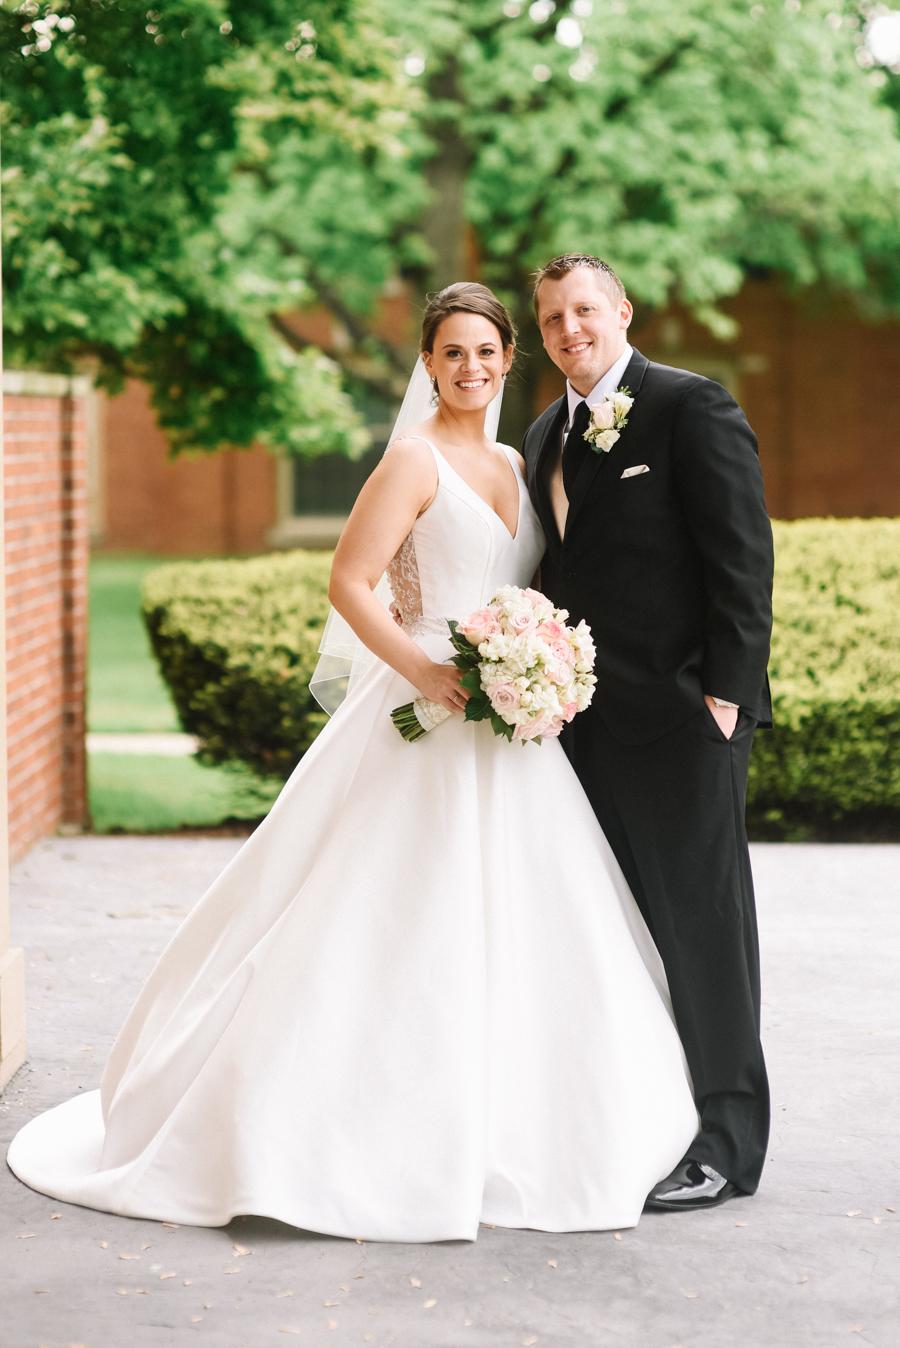 Dearborn_Inn_Wedding_Photos-46.jpg